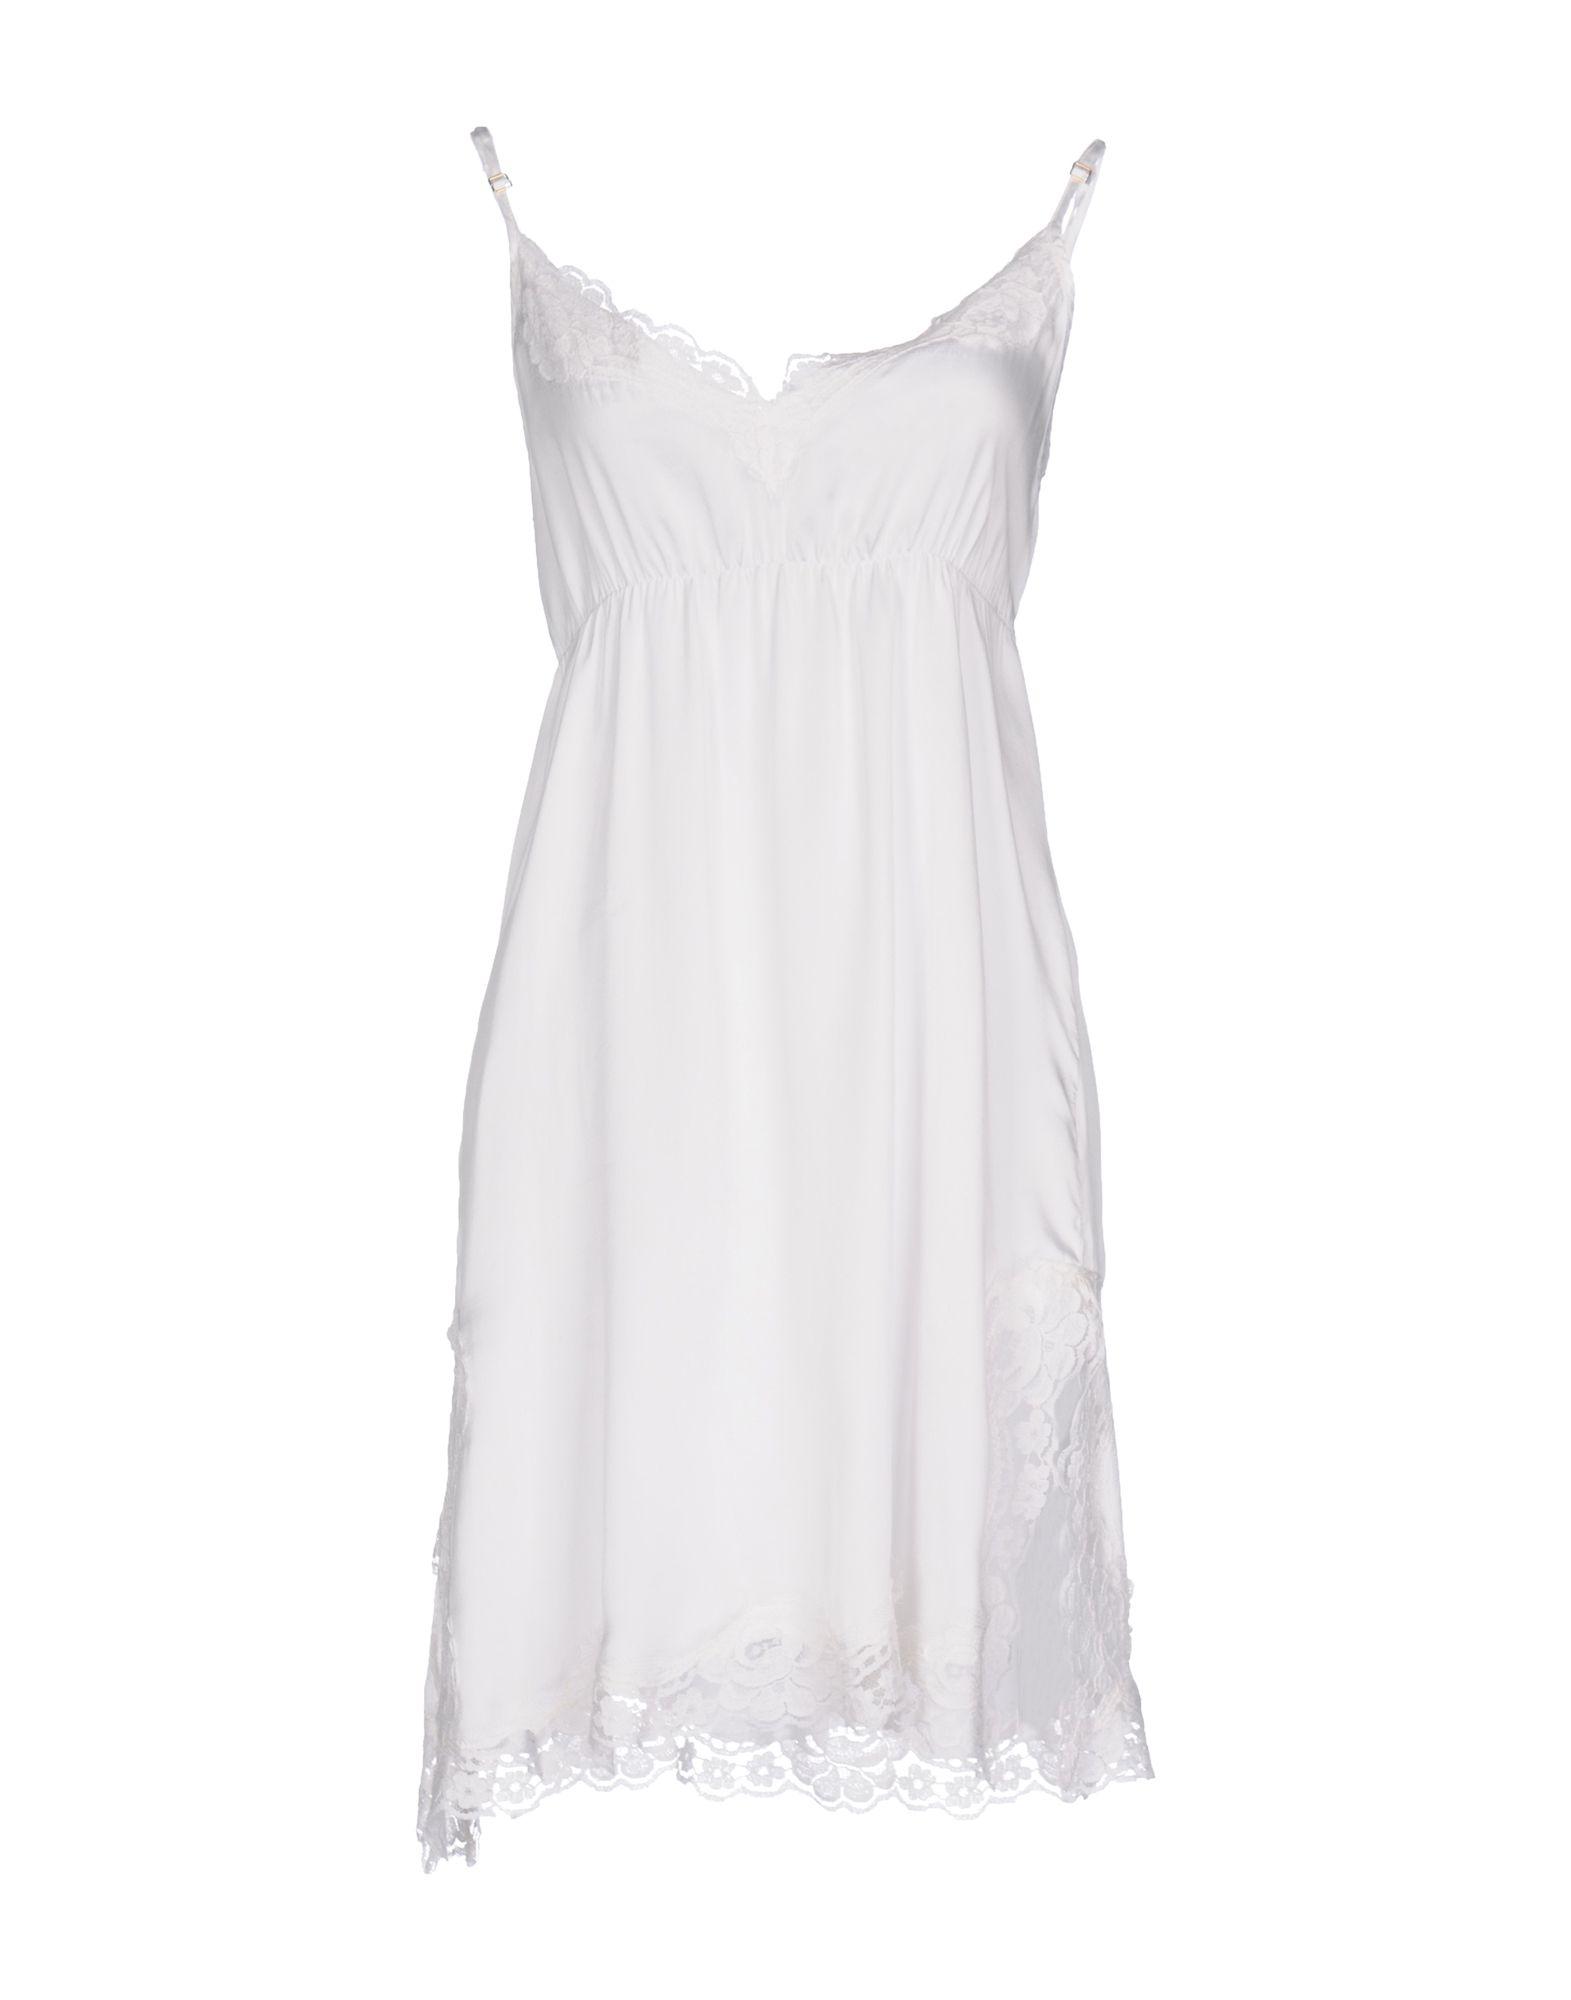 PINK MEMORIES Damen Kurzes Kleid Farbe Weiß Größe 3